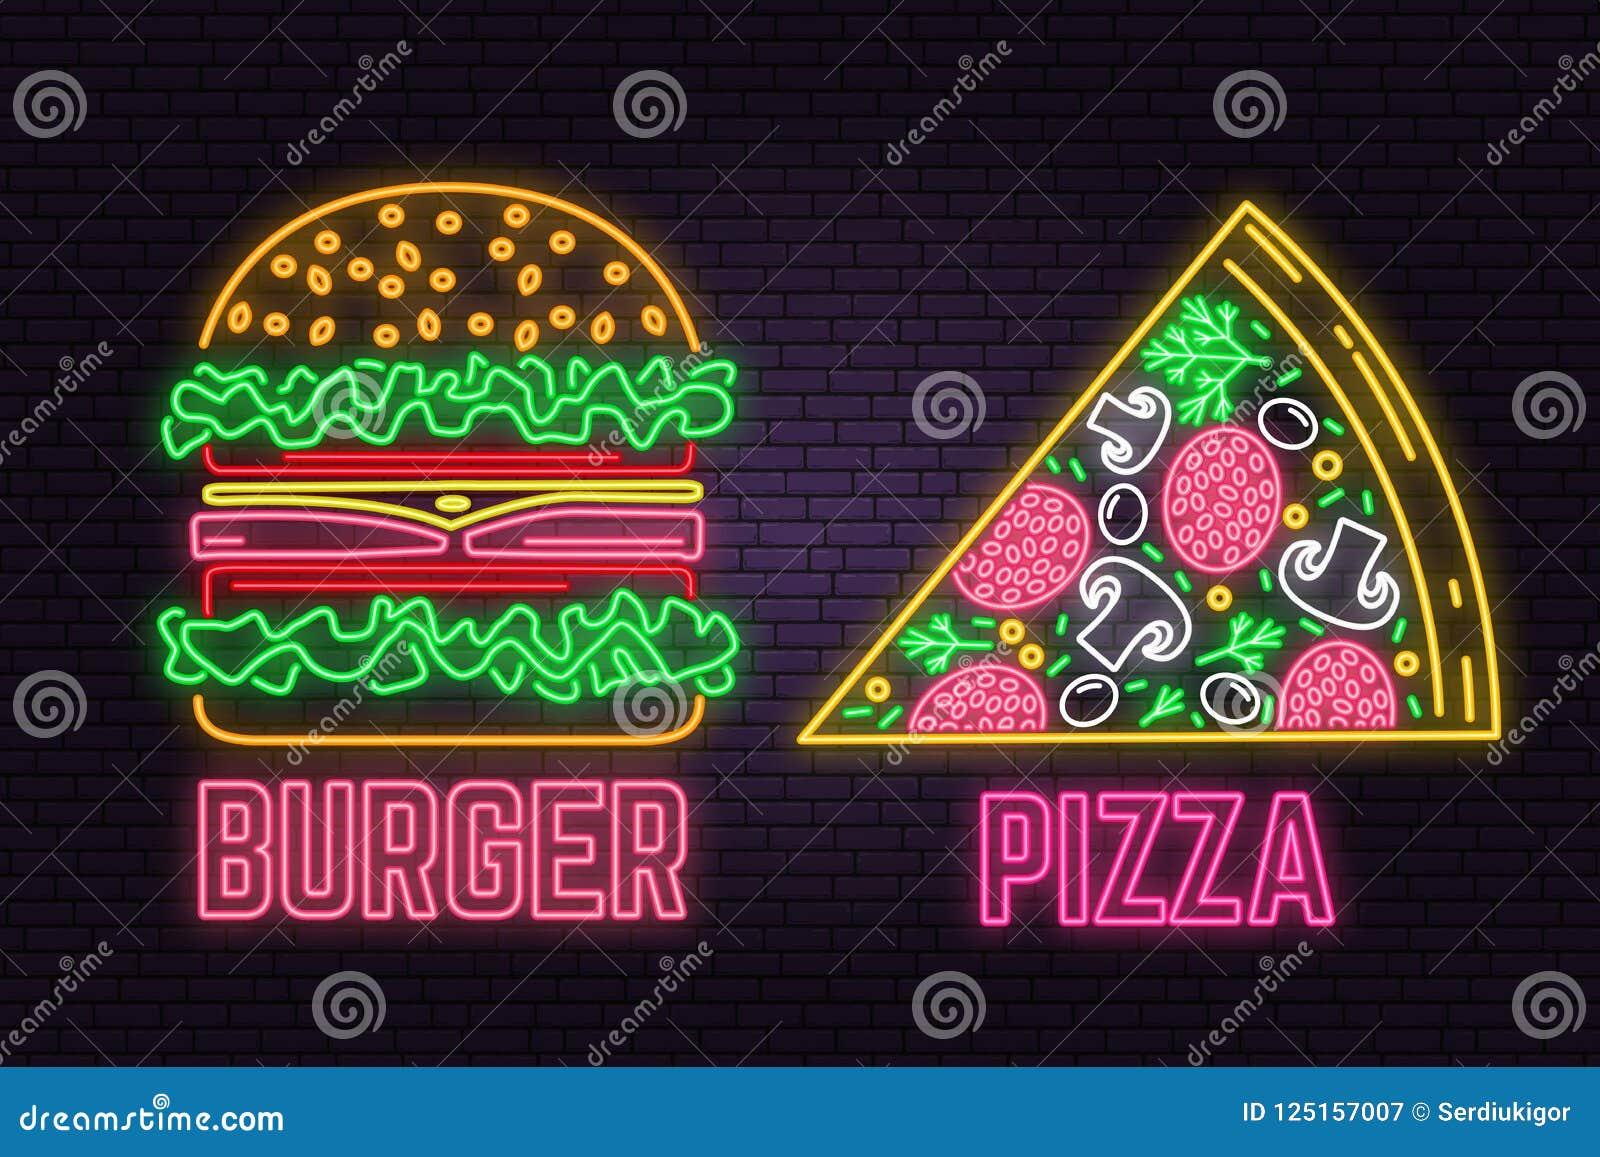 Αναδρομικά burger νέου και σημάδι πιτσών στο υπόβαθρο τουβλότοιχος Σχέδιο για τον καφέ γρήγορου φαγητού